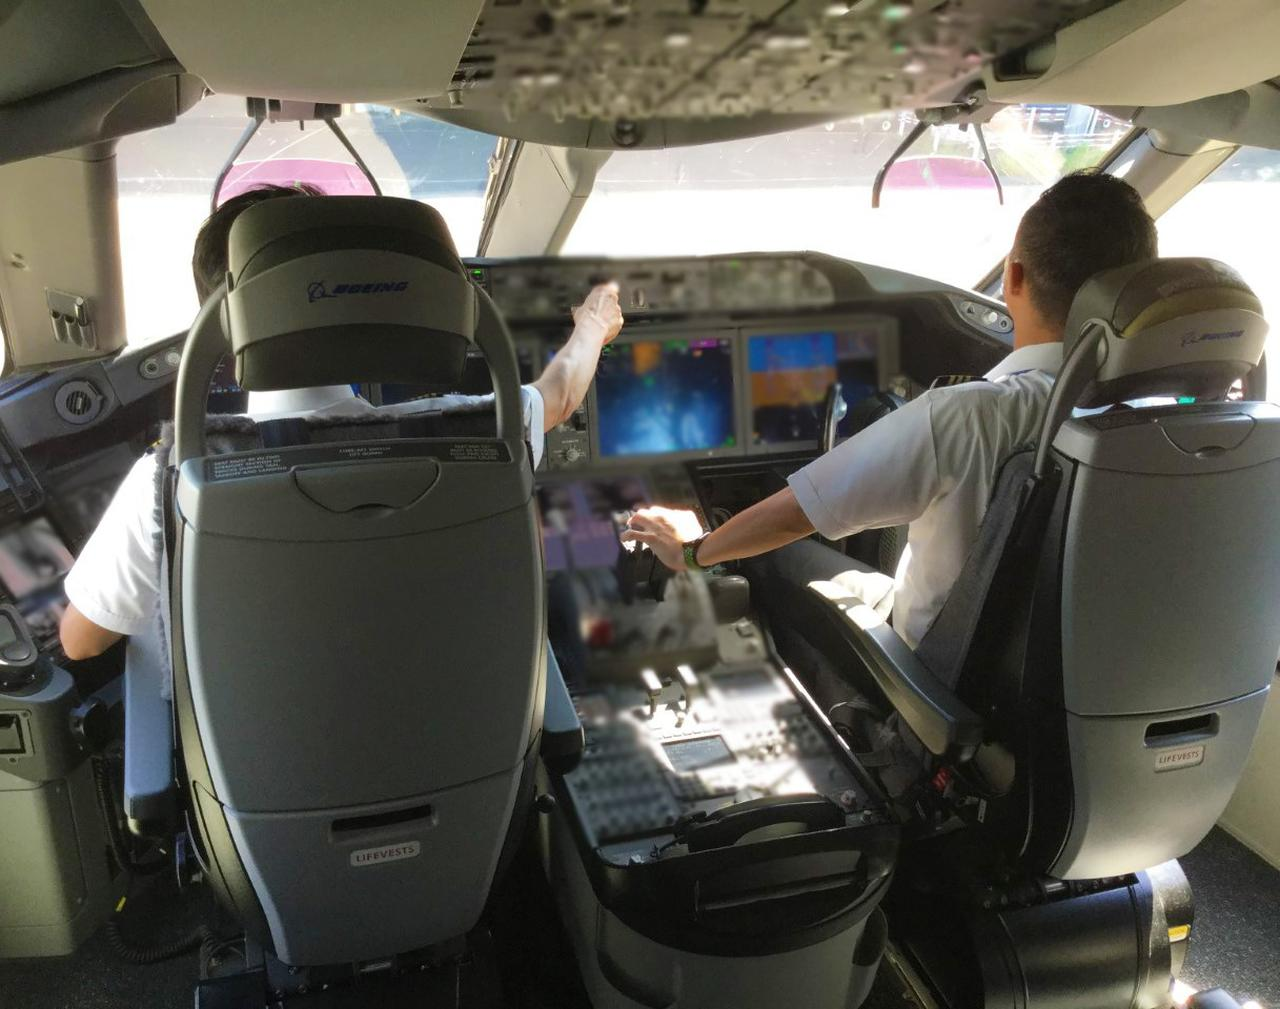 画像2: 飛行機雑学File 1 お客さまの安全のため、機長と副操縦士は別々の食事を取ります